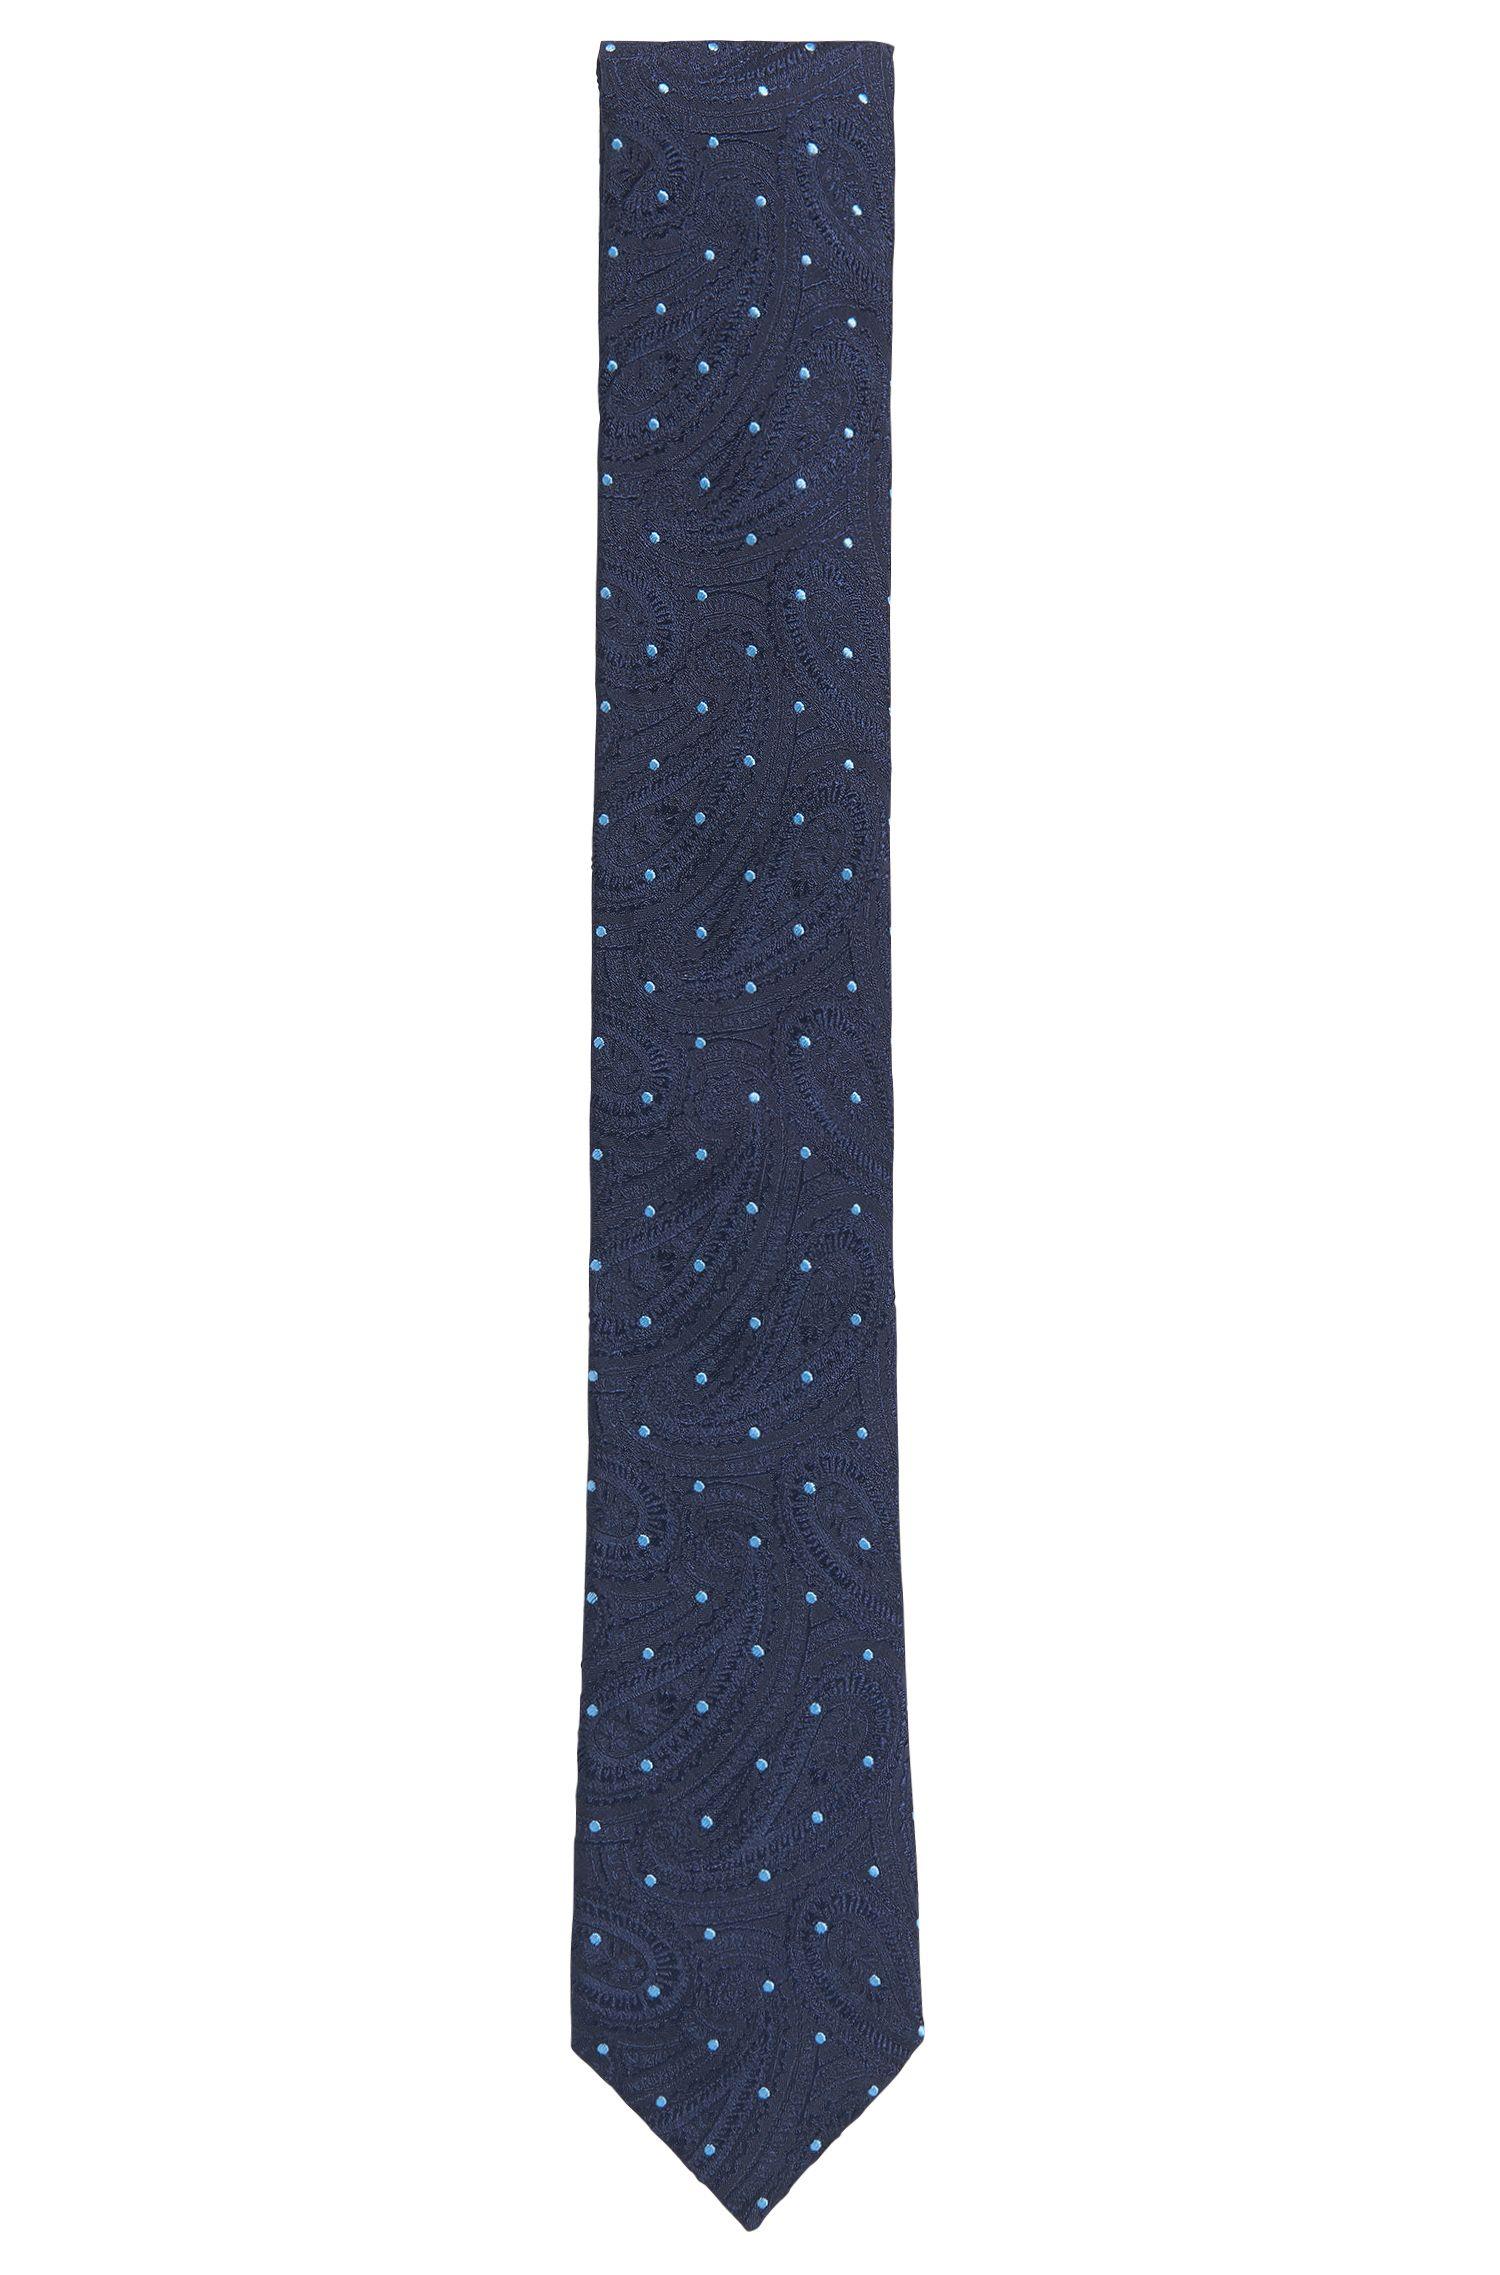 In Italien gefertigte Krawatte aus Seiden-Jacquard mit Muster